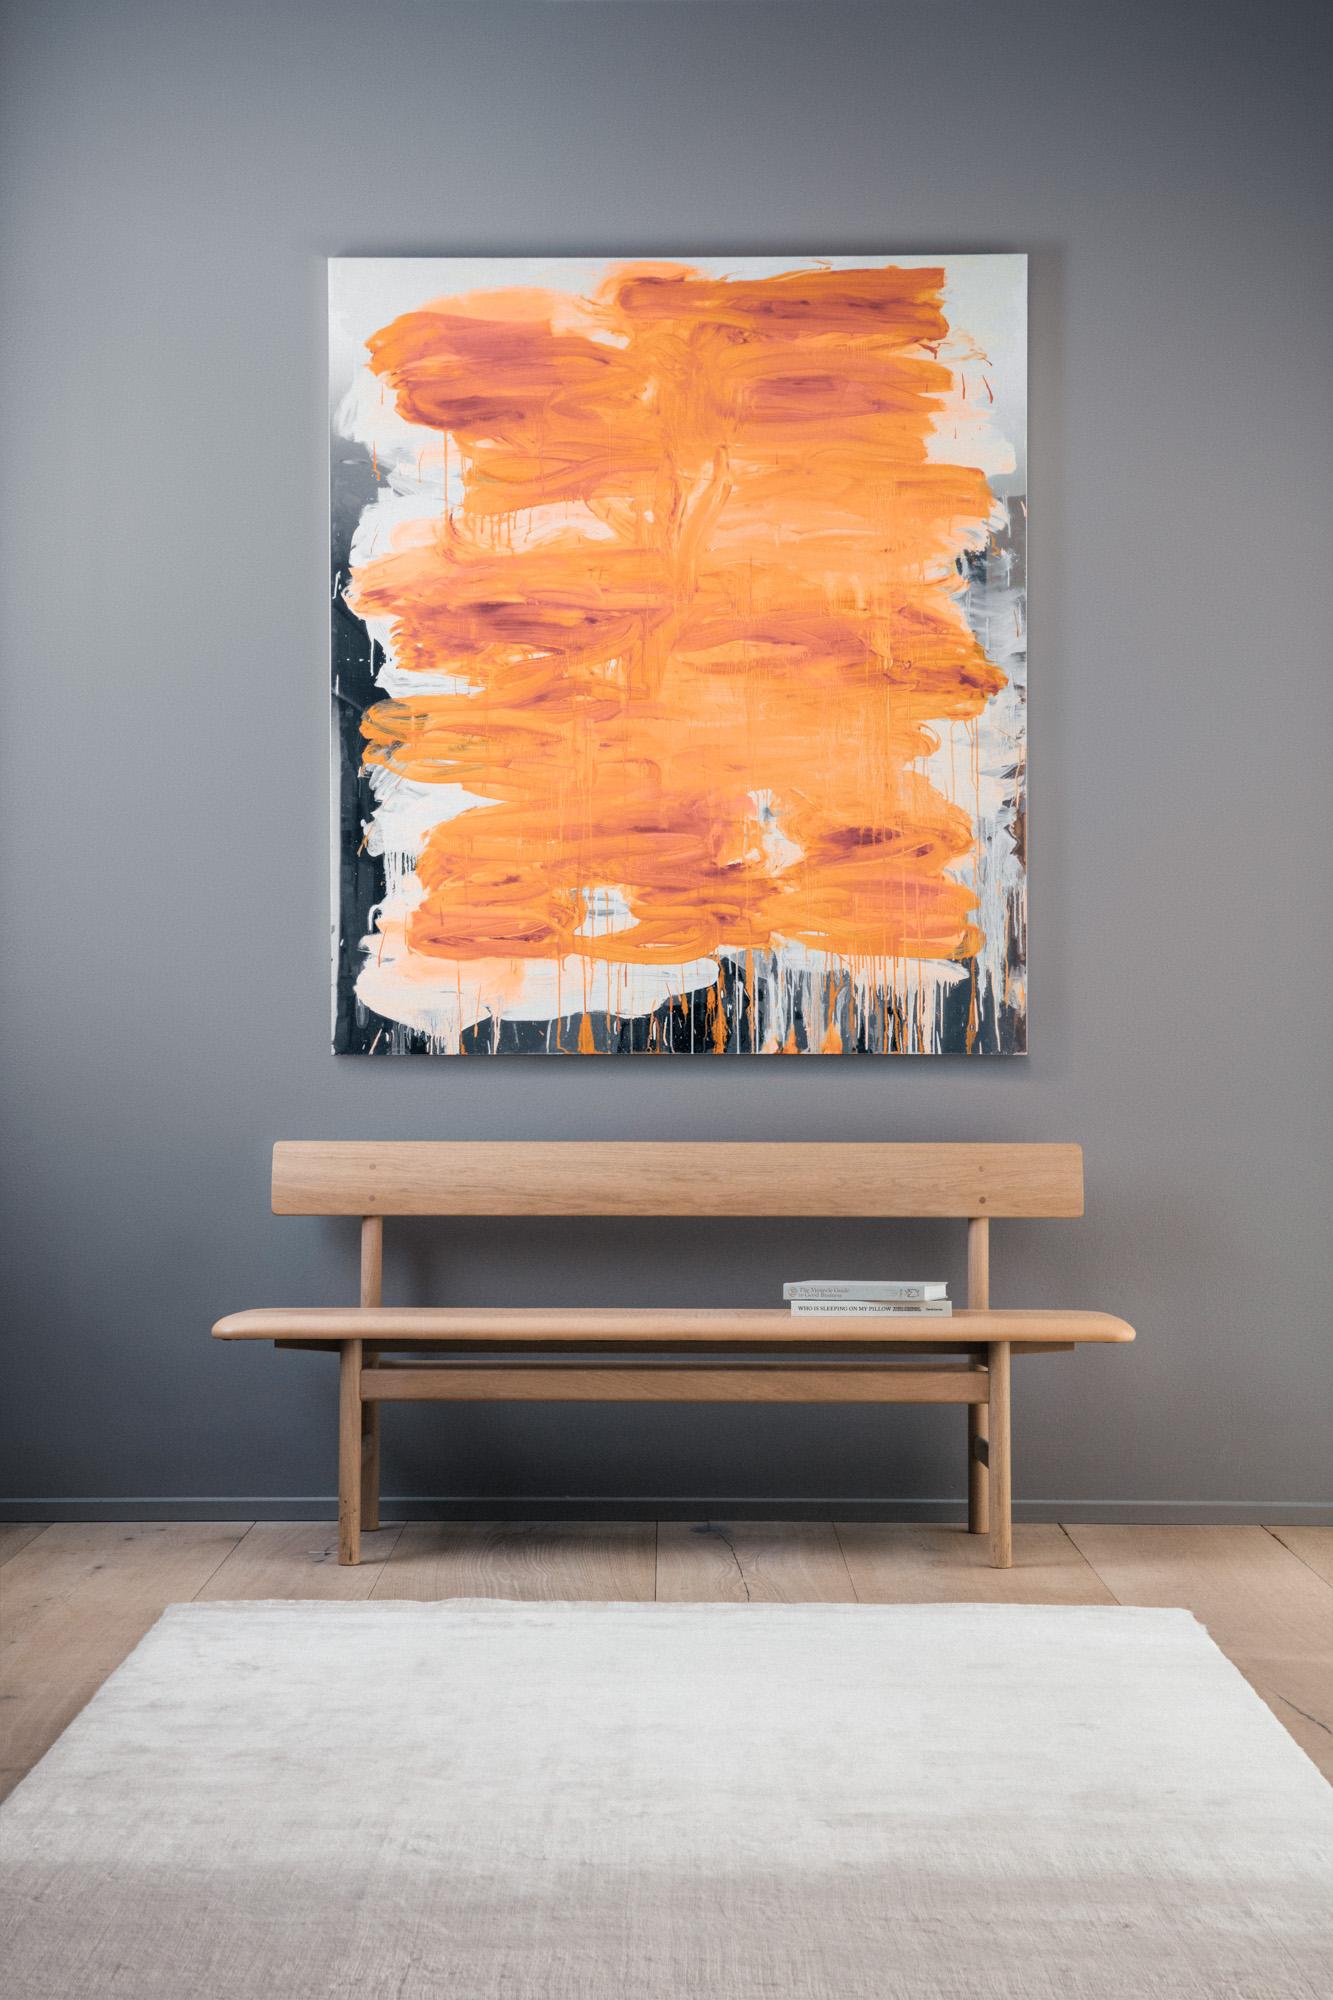 Fredericia_Furniture_19.09.17_9381-RT.jpg